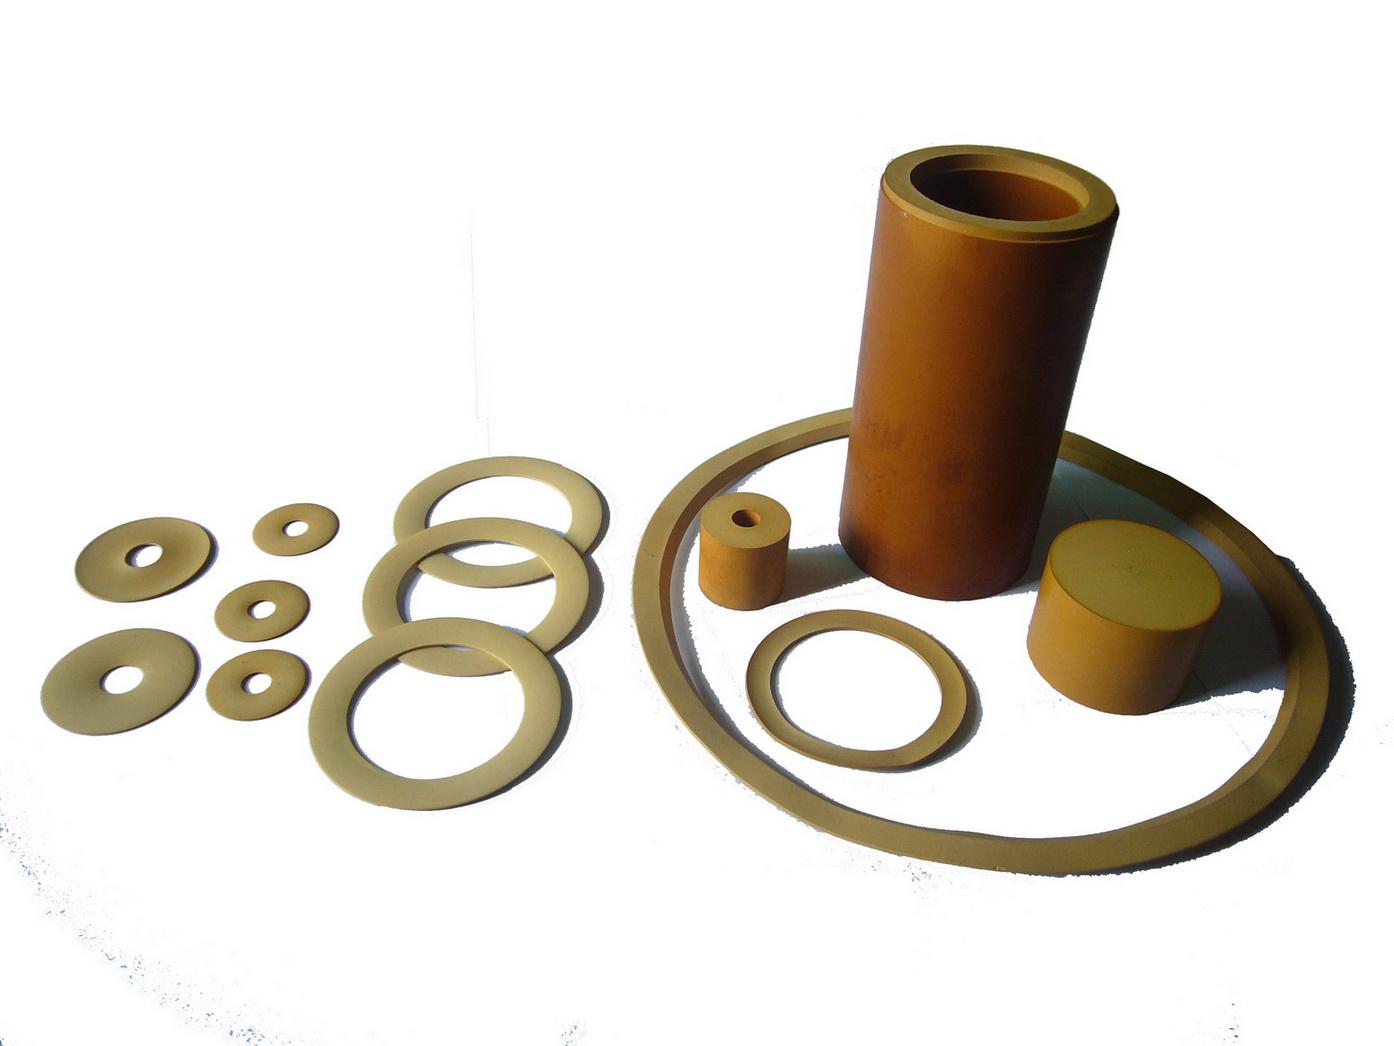 想买高品质聚酰亚胺填充聚四氟乙烯就到嘉善意德珑-聚酰亚胺填充聚四氟乙烯用于无油压缩机皮碗